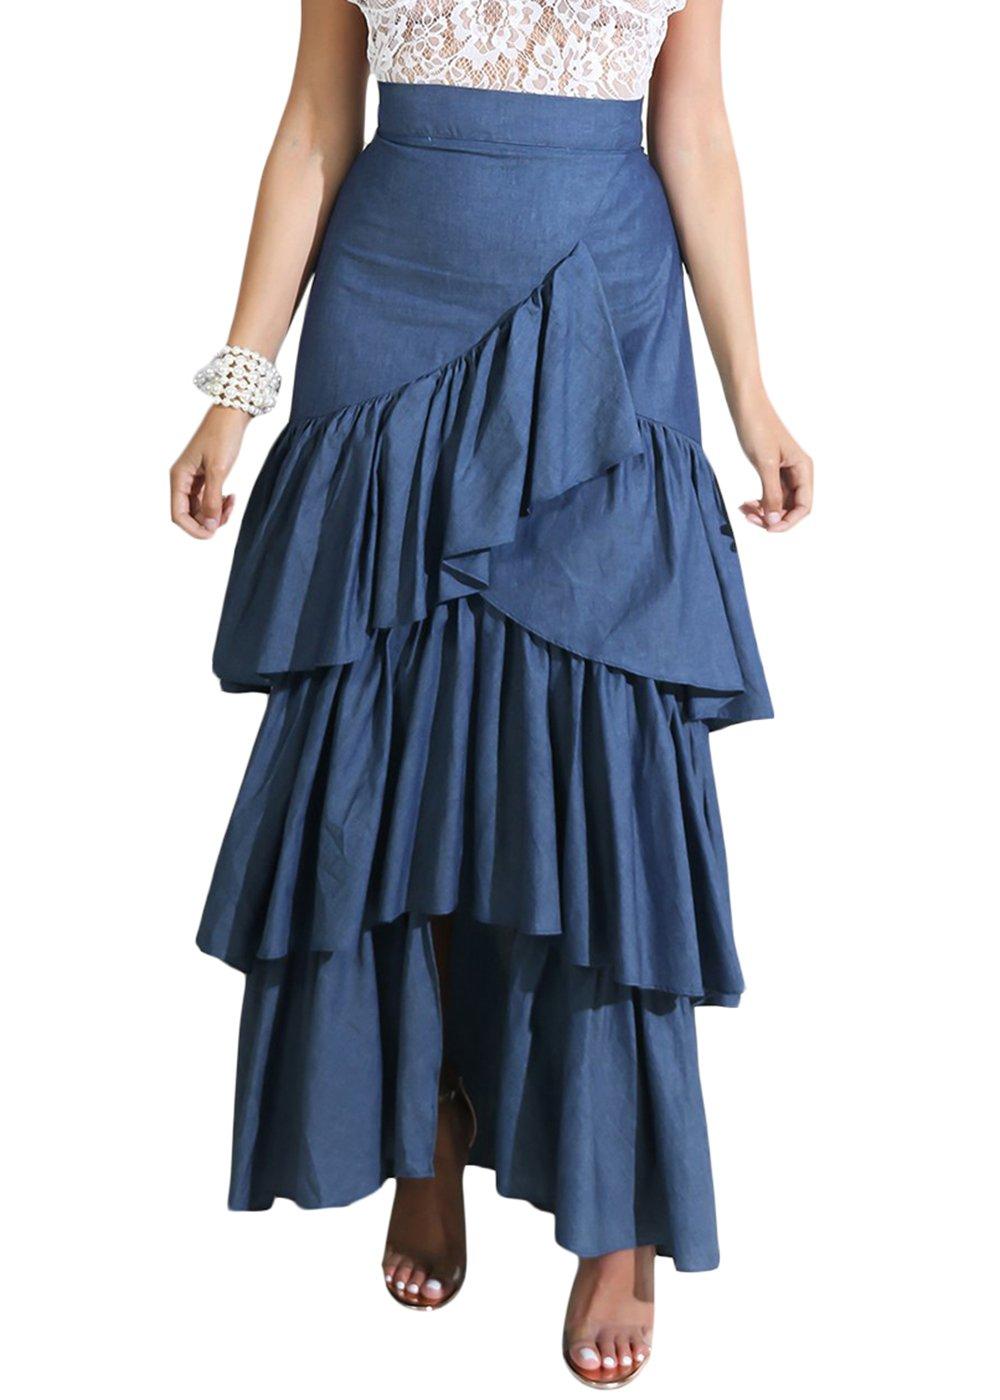 Cosygal Women's Tiered Irregular Ruffles High Waist Maxi Long Denim Skirts Blue Medium